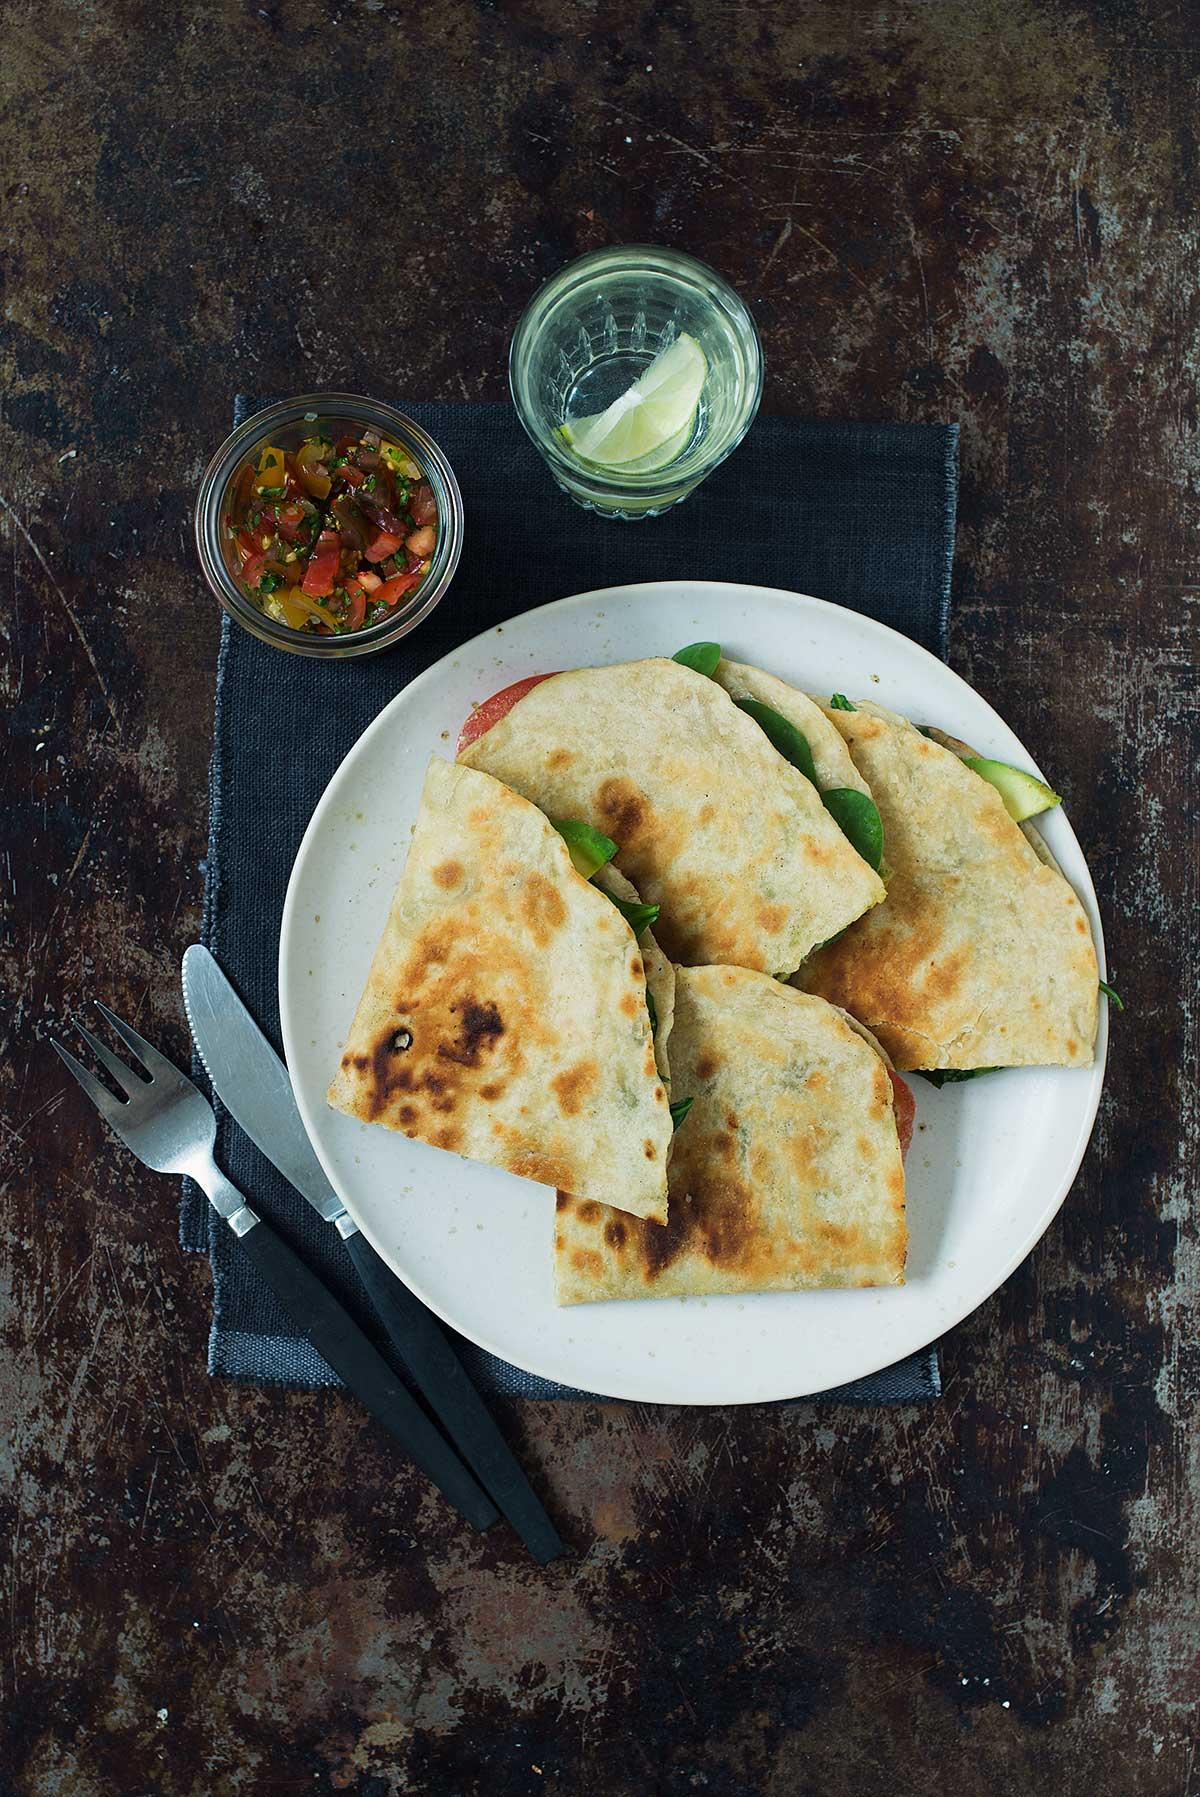 Opskrift: 2 slags forskellige quesadillas | Frk. Kræsen